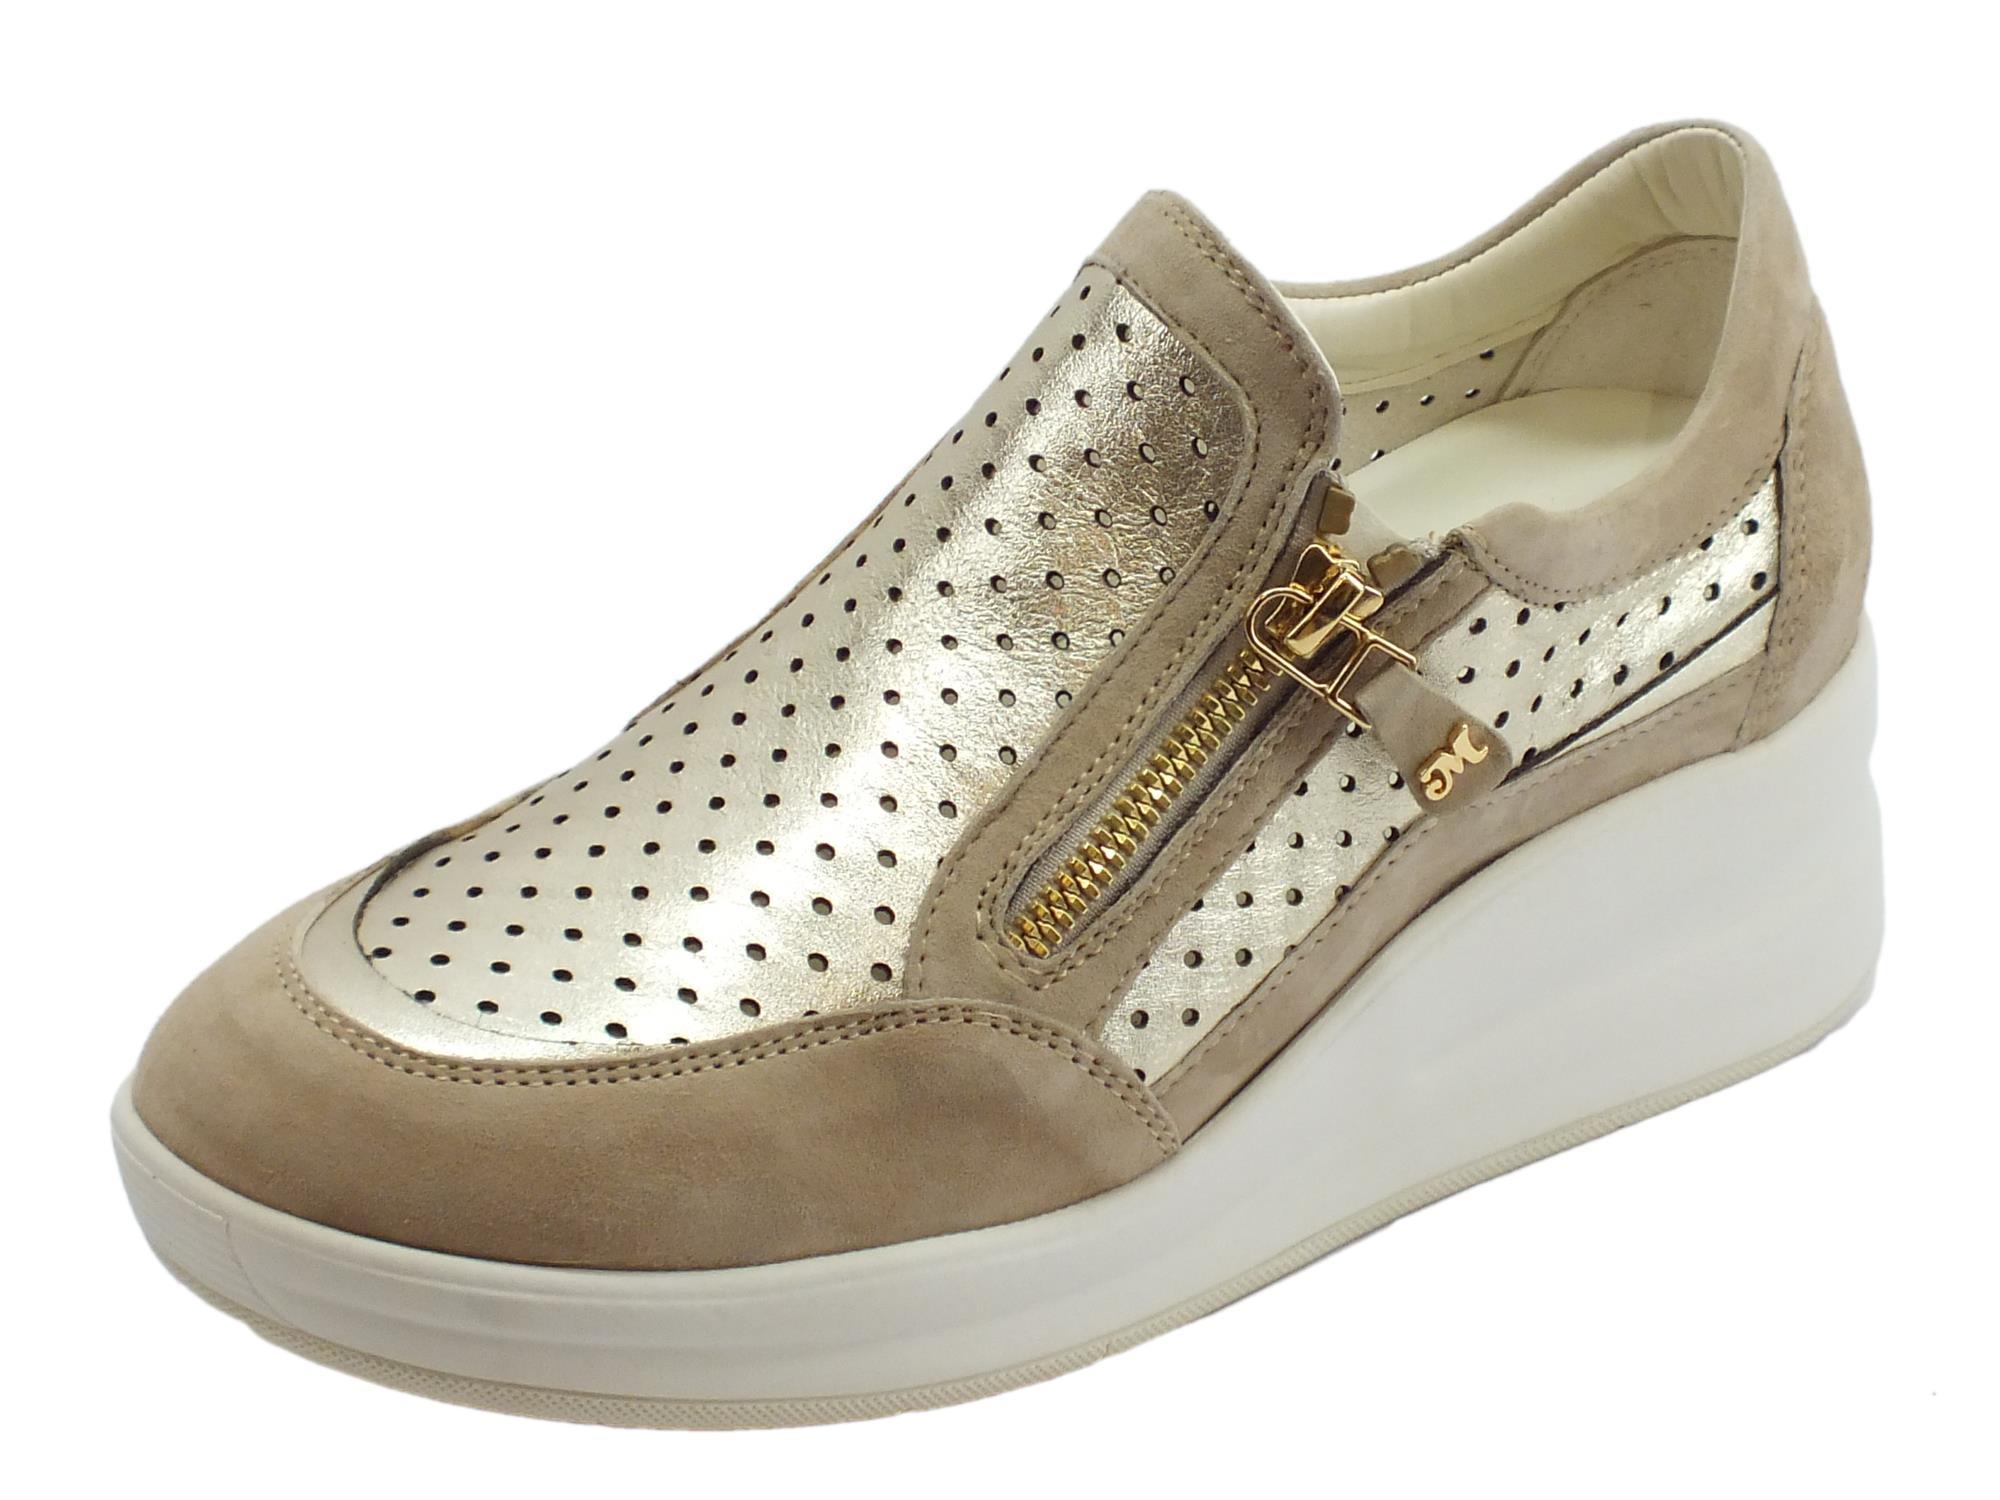 nuovo concetto 133a6 b66ca Sneakers Melluso Walk in pelle e camoscio colore corda ed oro zeppa alta